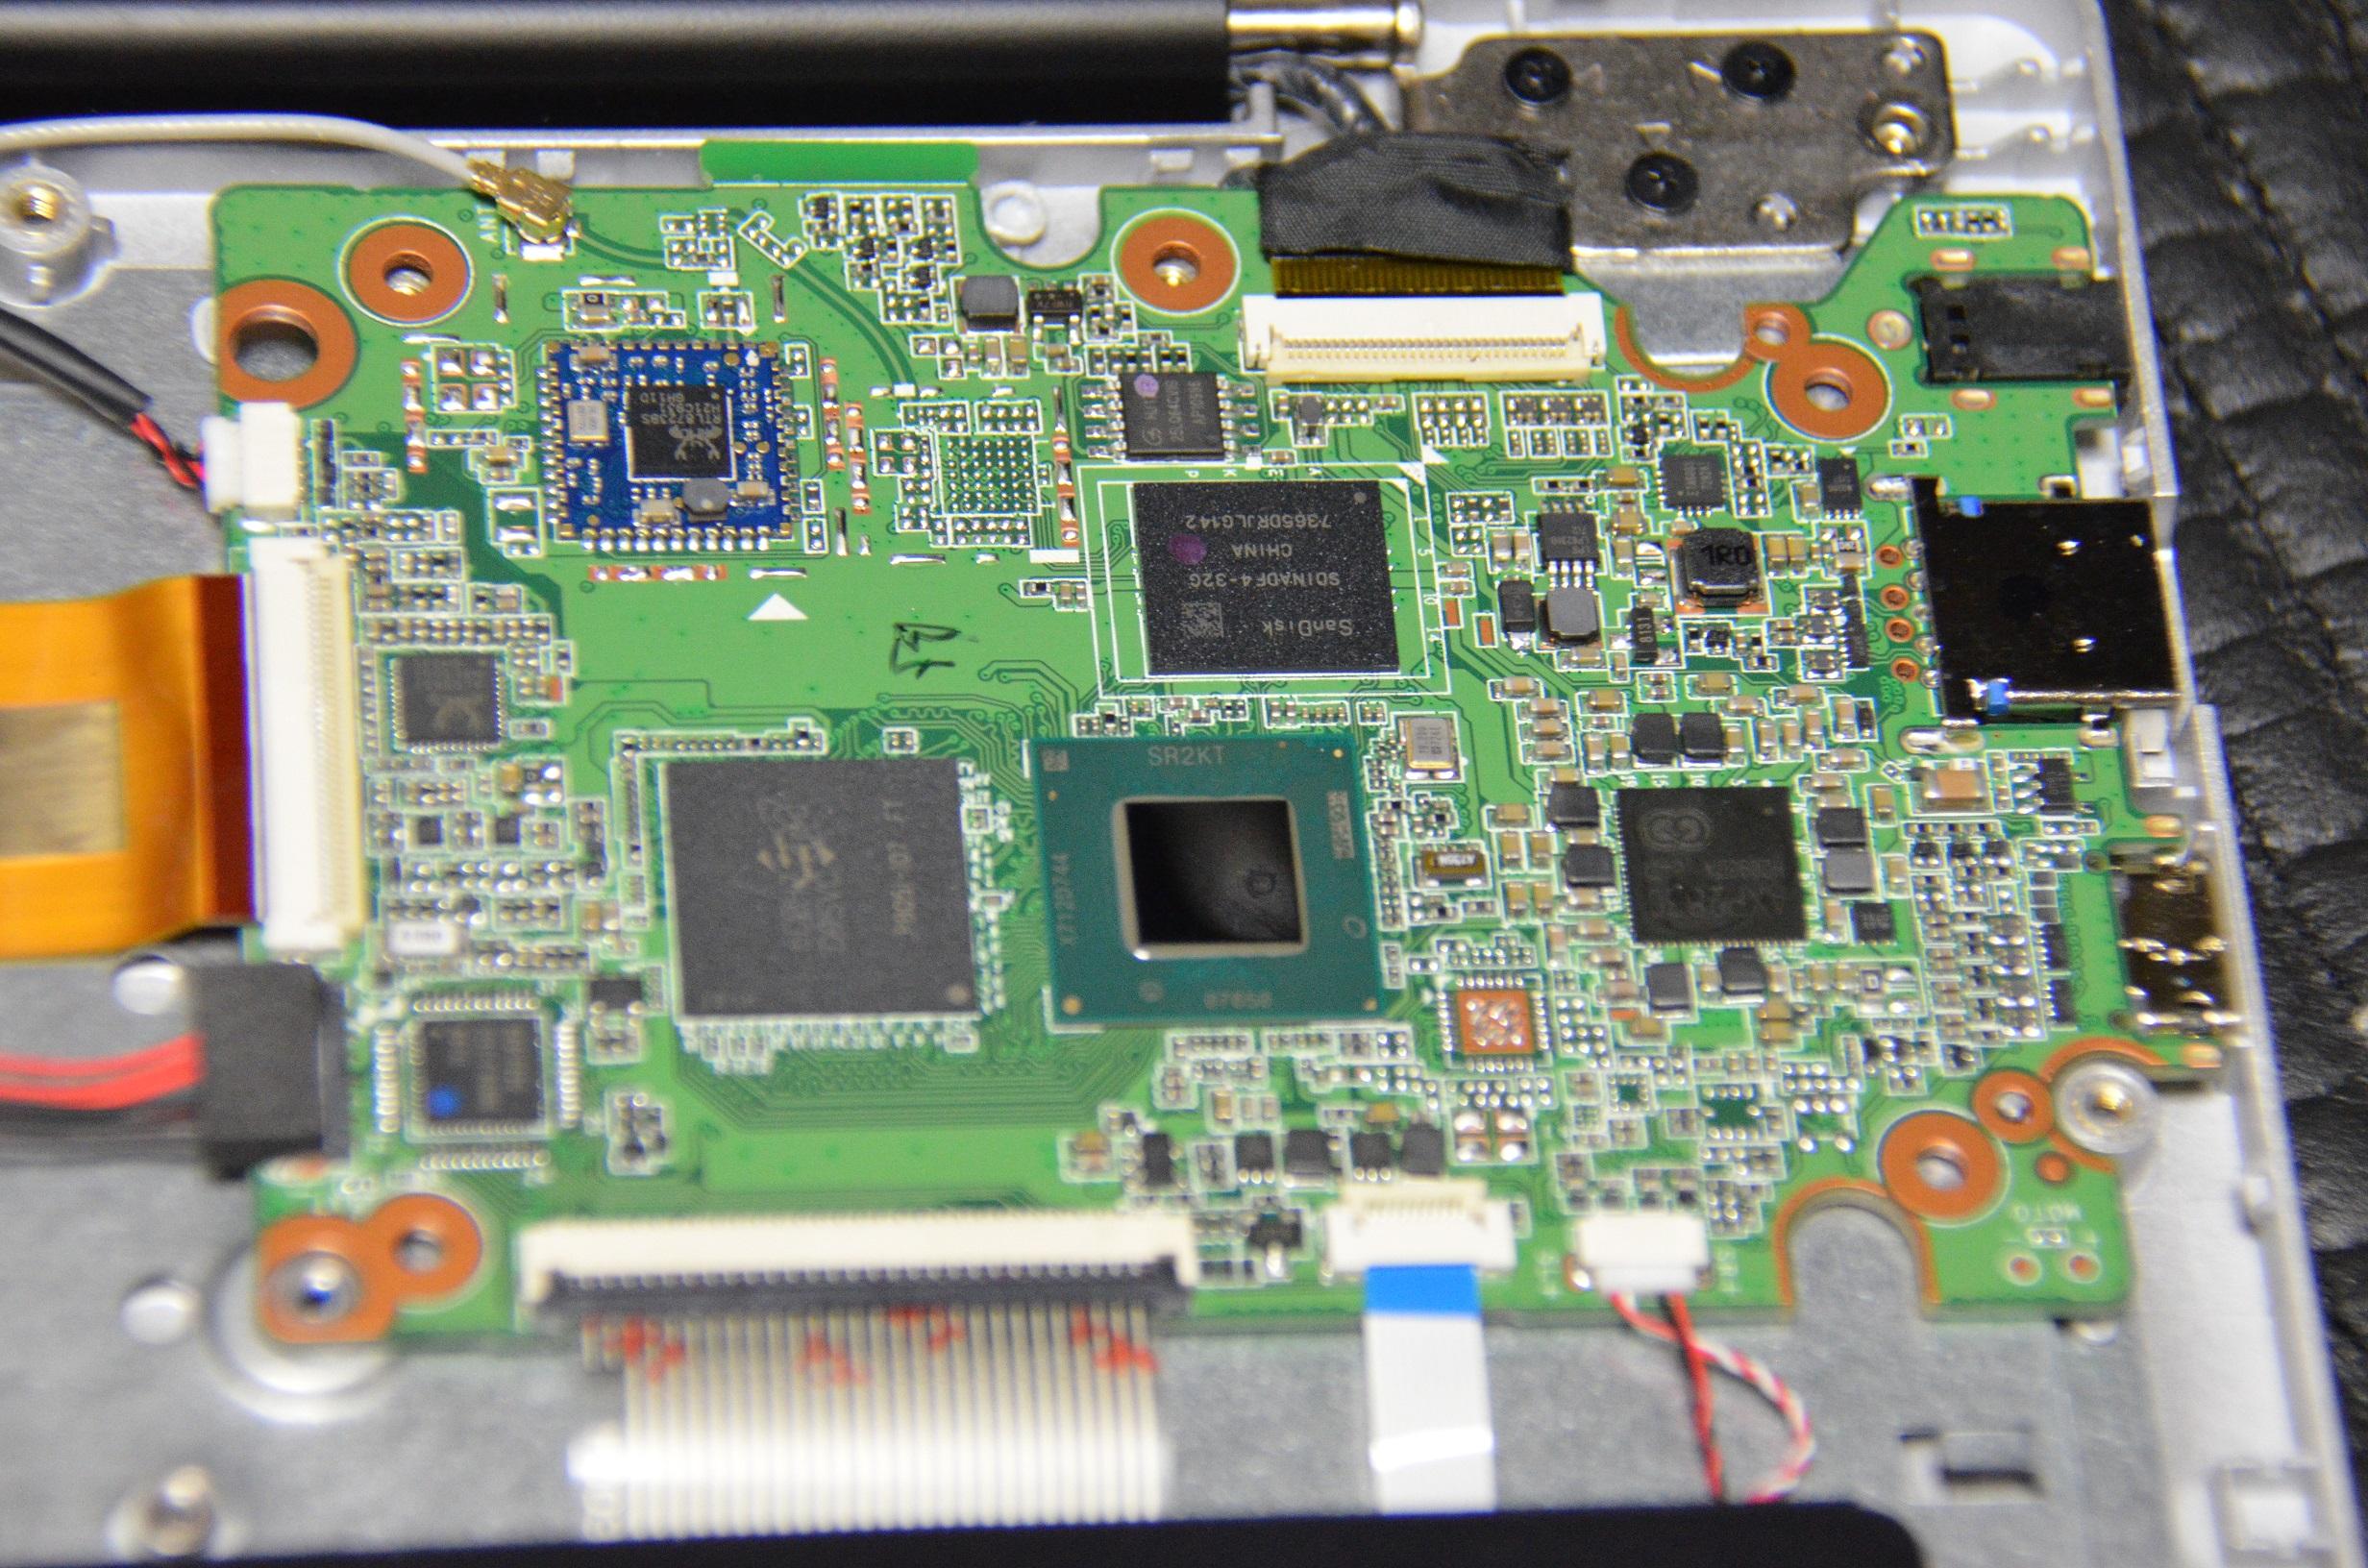 ドンキPC「MUGA(無我)ストイックPC」買ってみた - 外部記憶装置